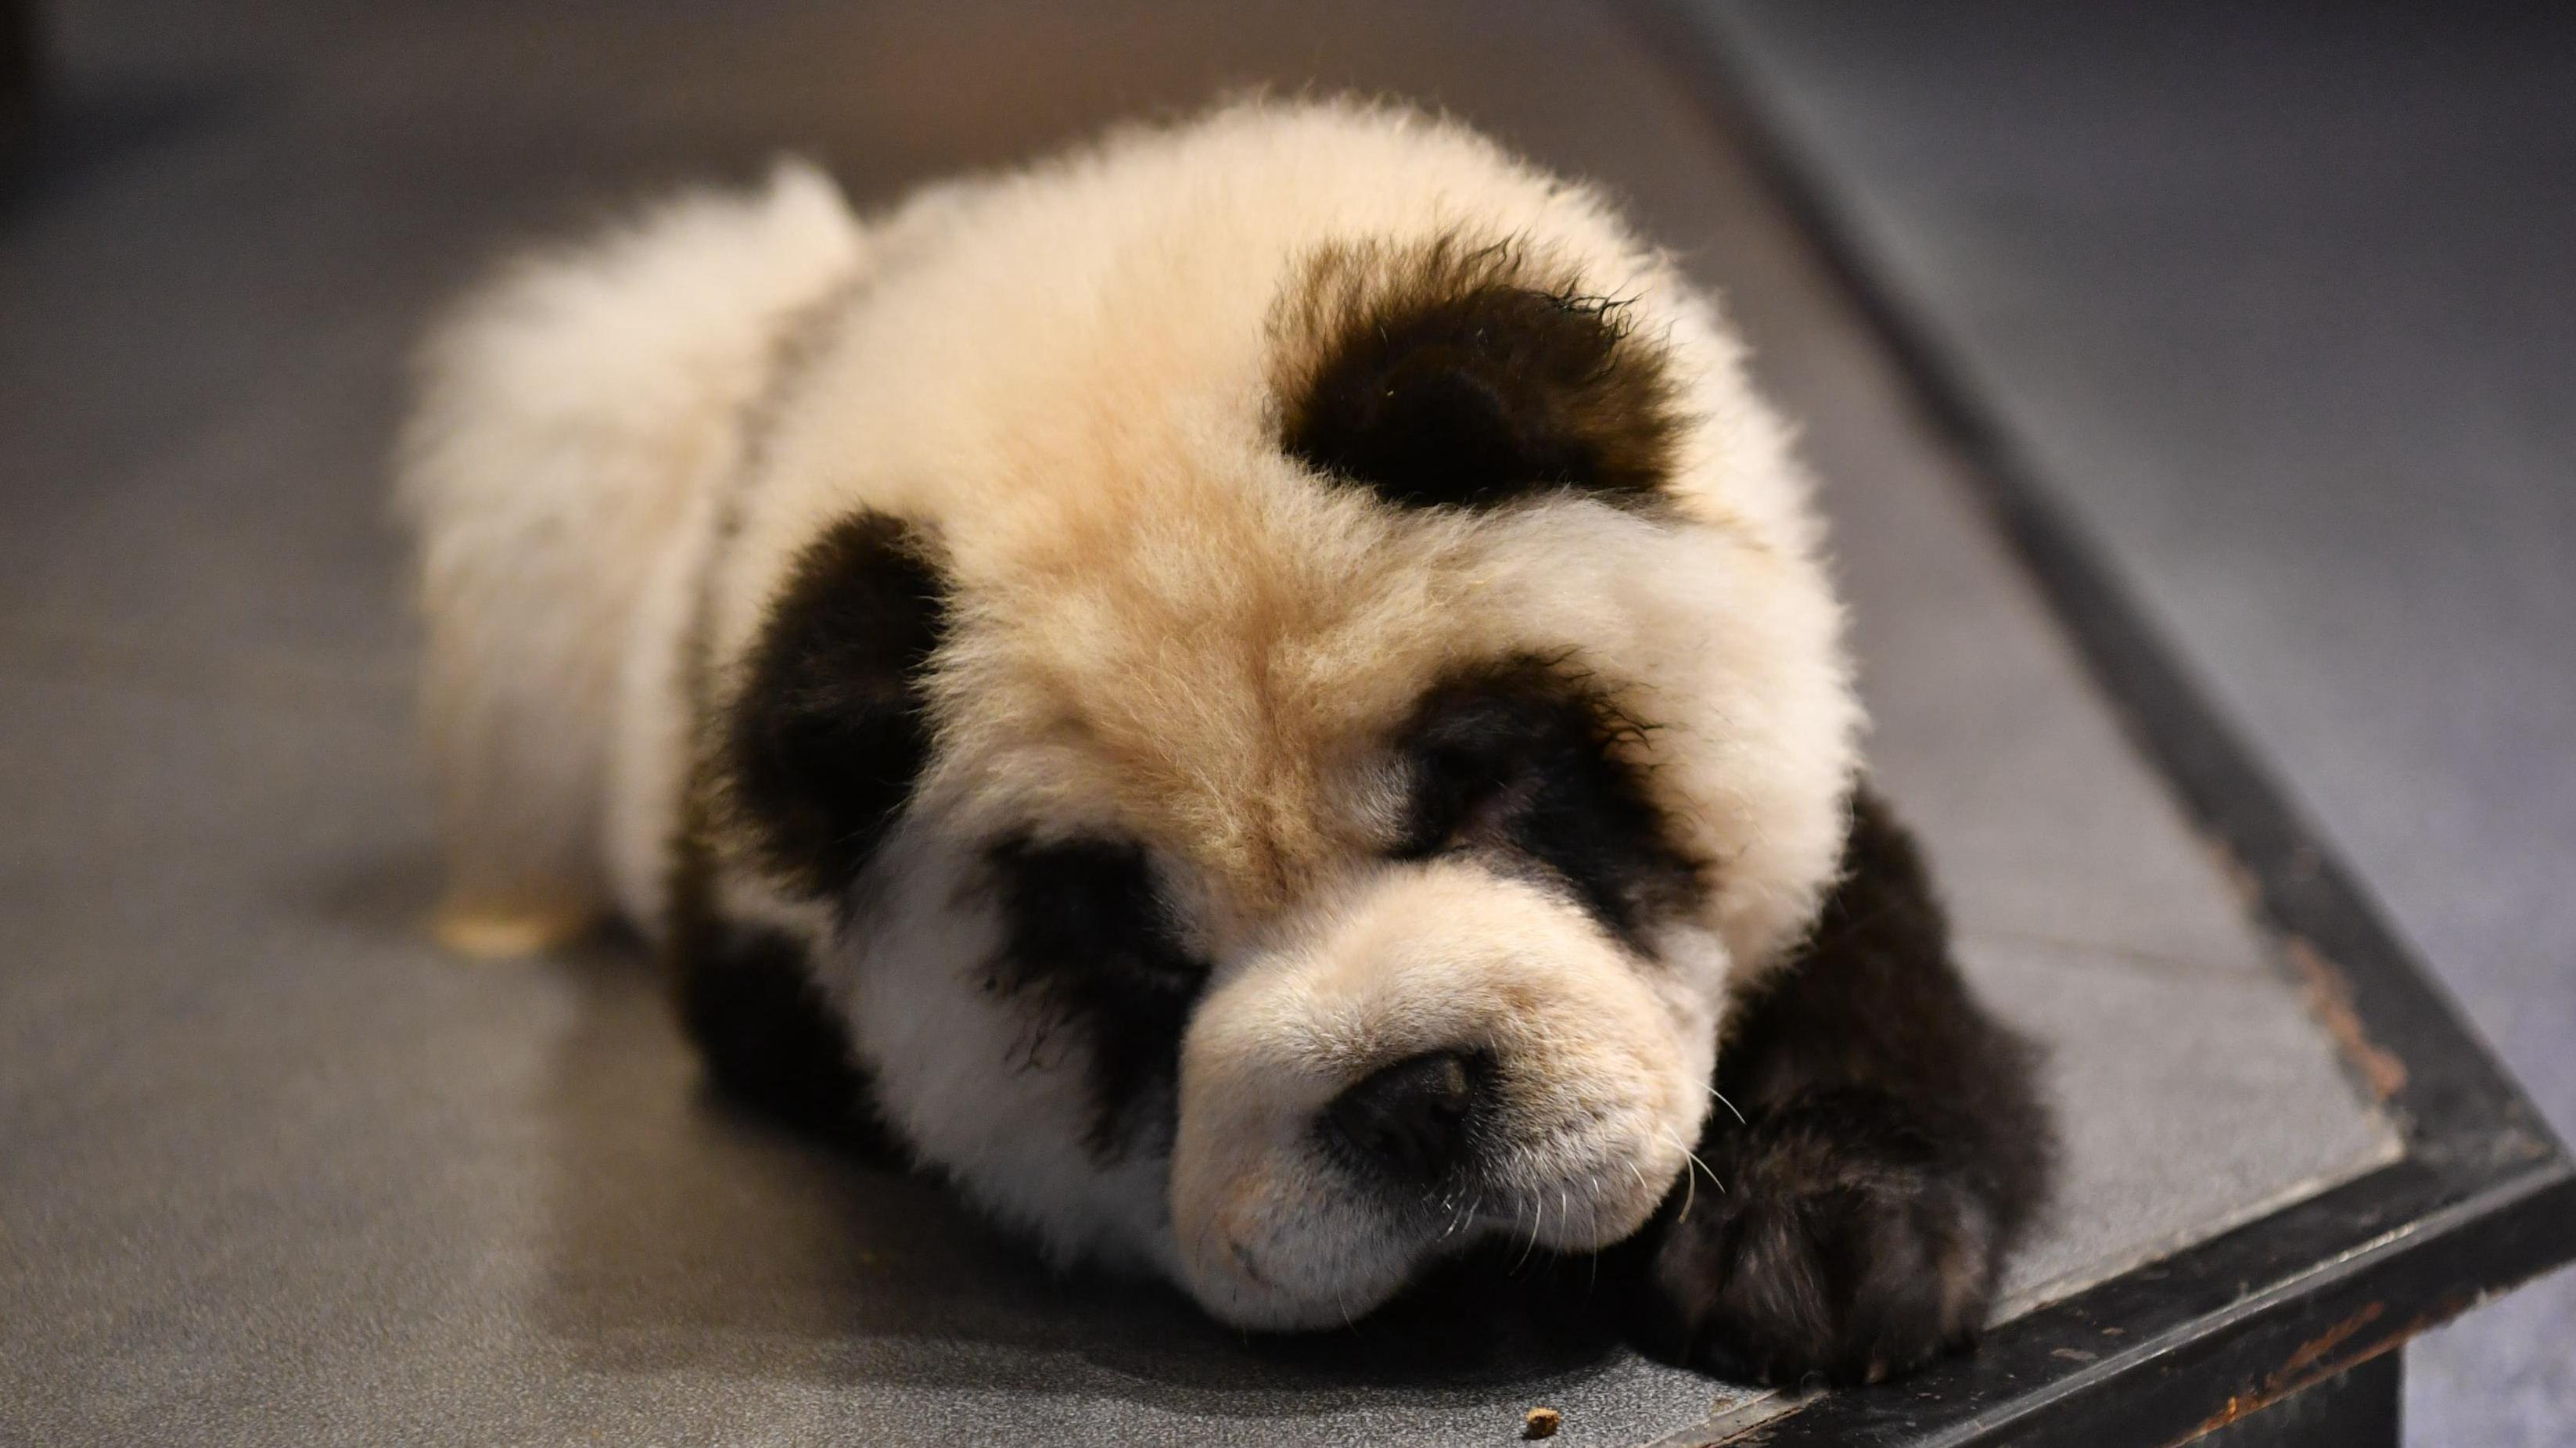 Chú chó chow chow nhuộm lông như gấu panda